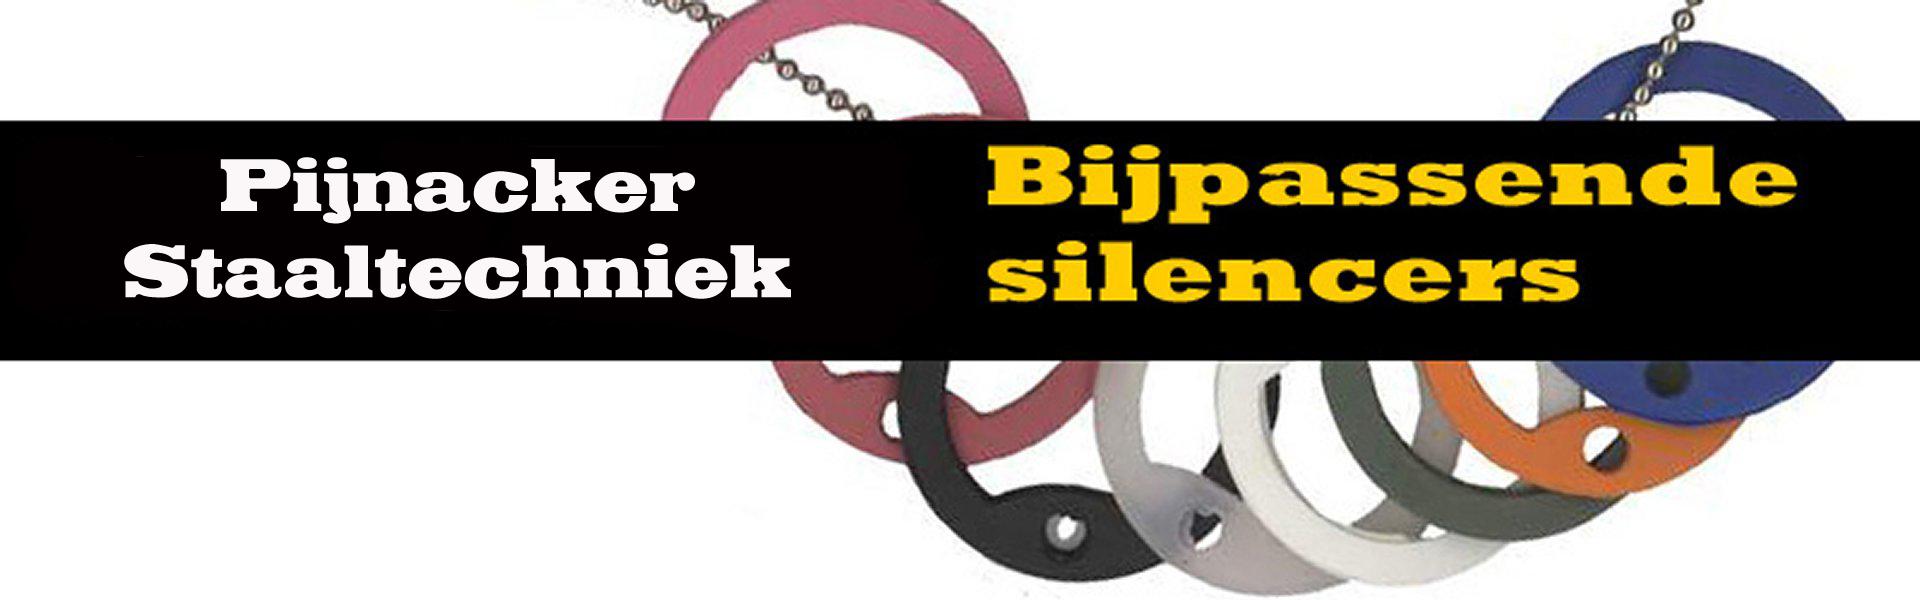 Bedrijfsinfo pijnacker staaltechniek contact fandeluxe Image collections